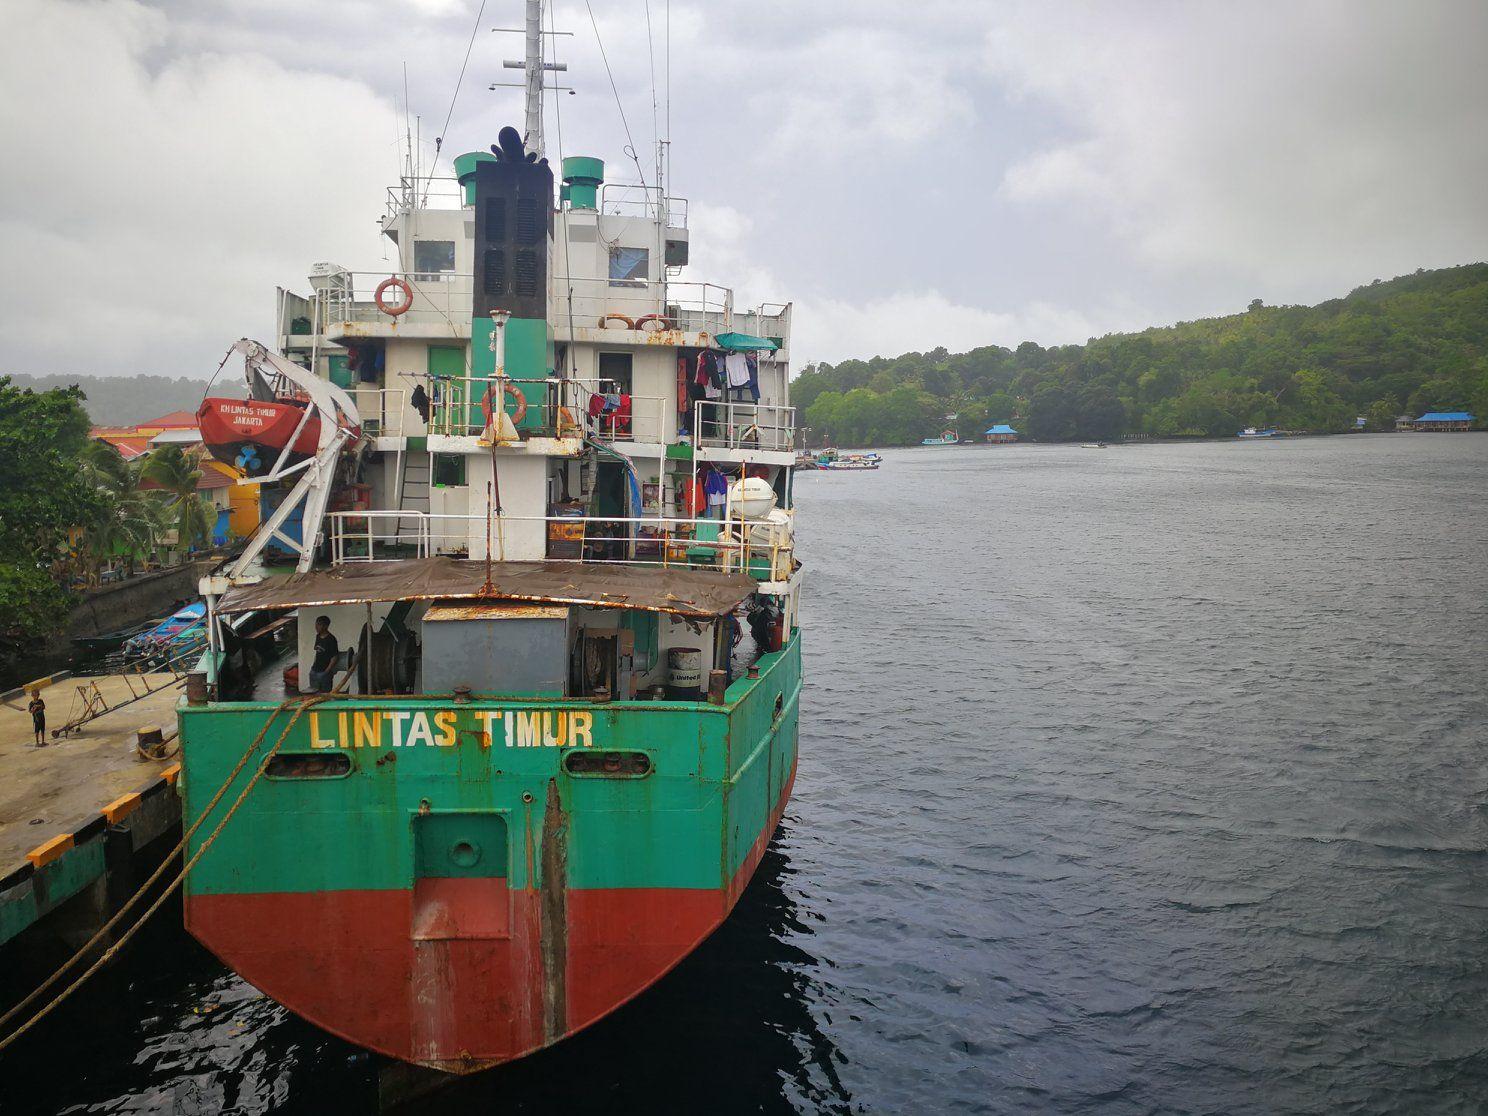 Frachter Lintas Timur / Foto: polarsteps.com